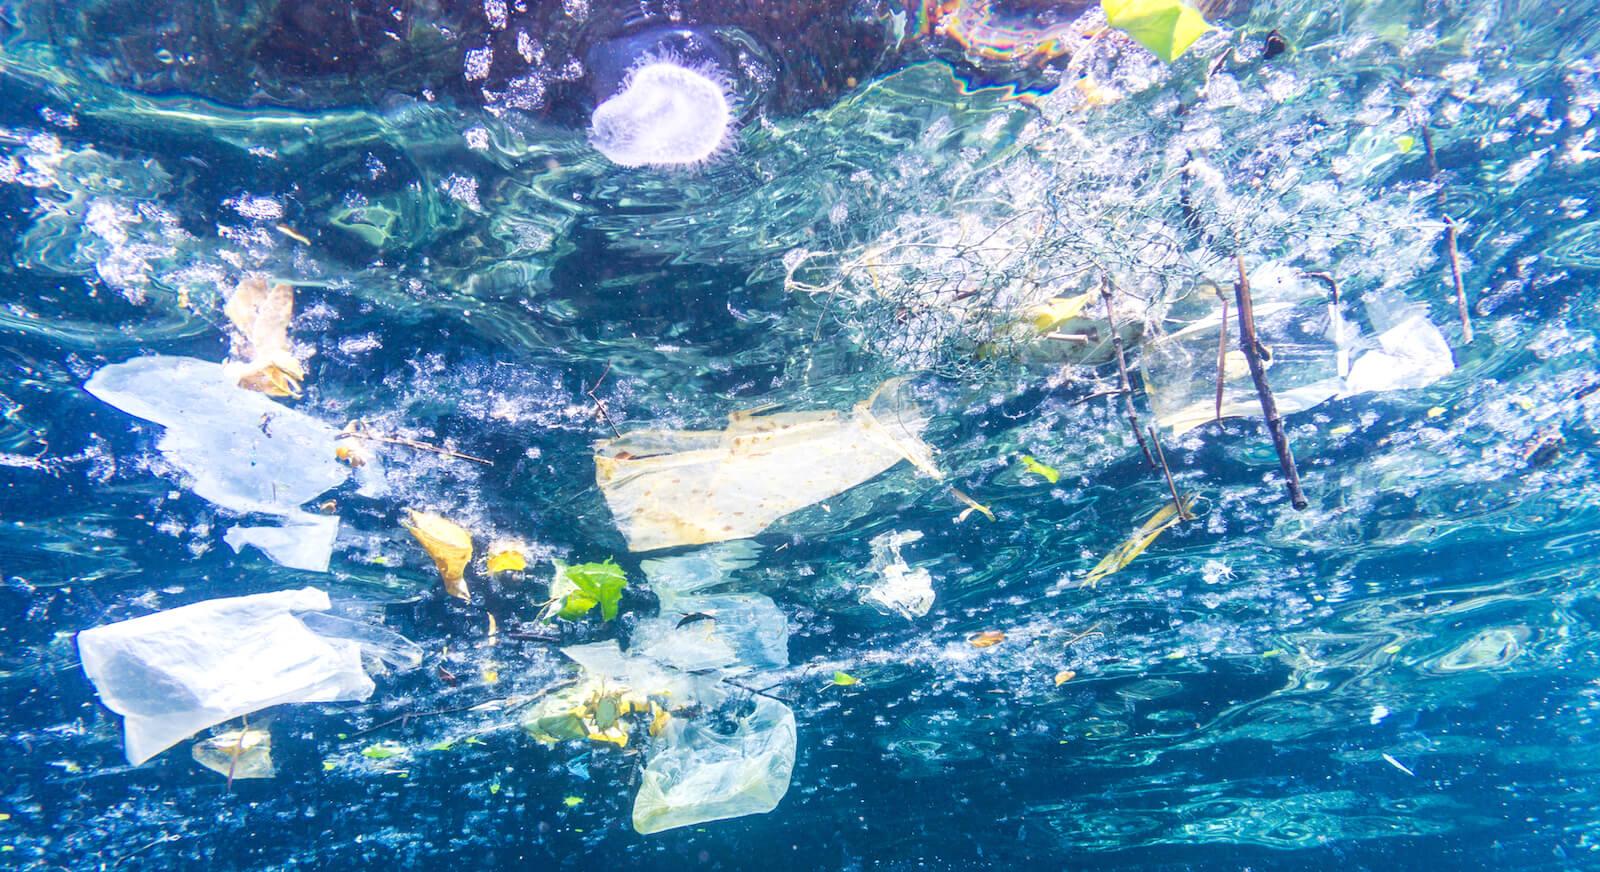 Svensk plast skräpar ned världshaven – Sveriges Natur